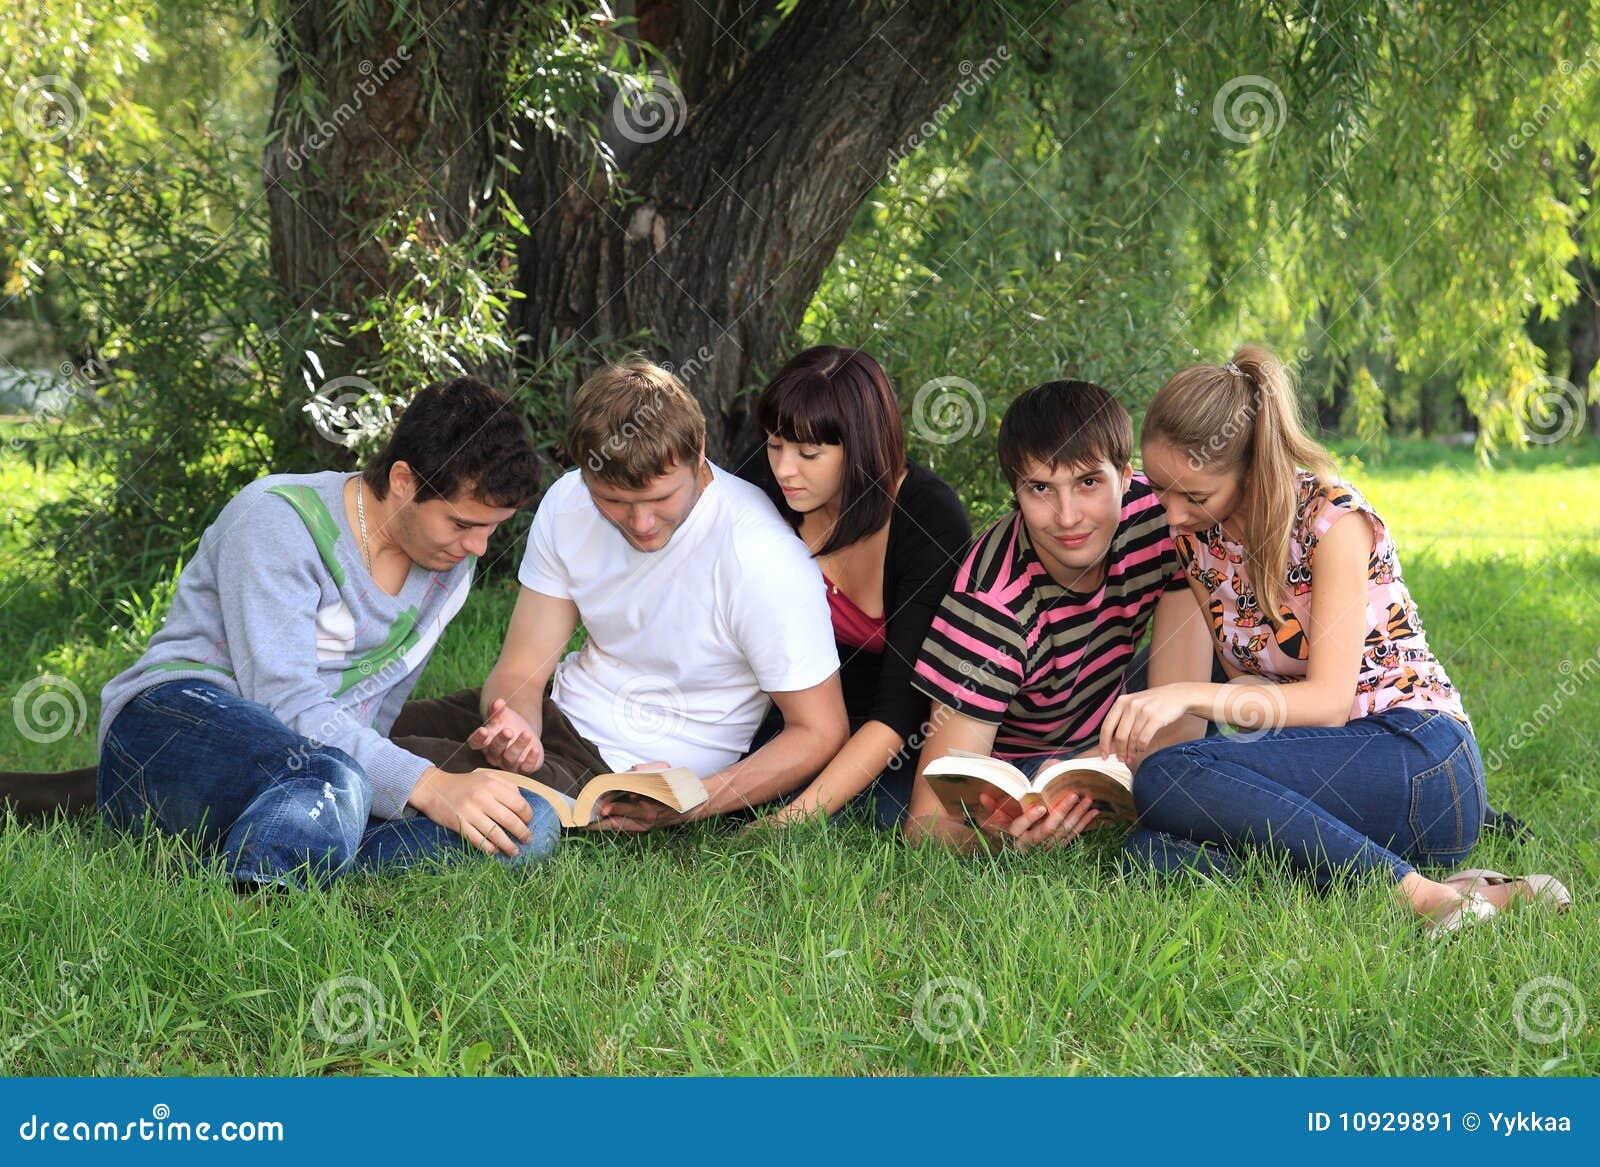 Студенти на природе смотреть онлайн 6 фотография